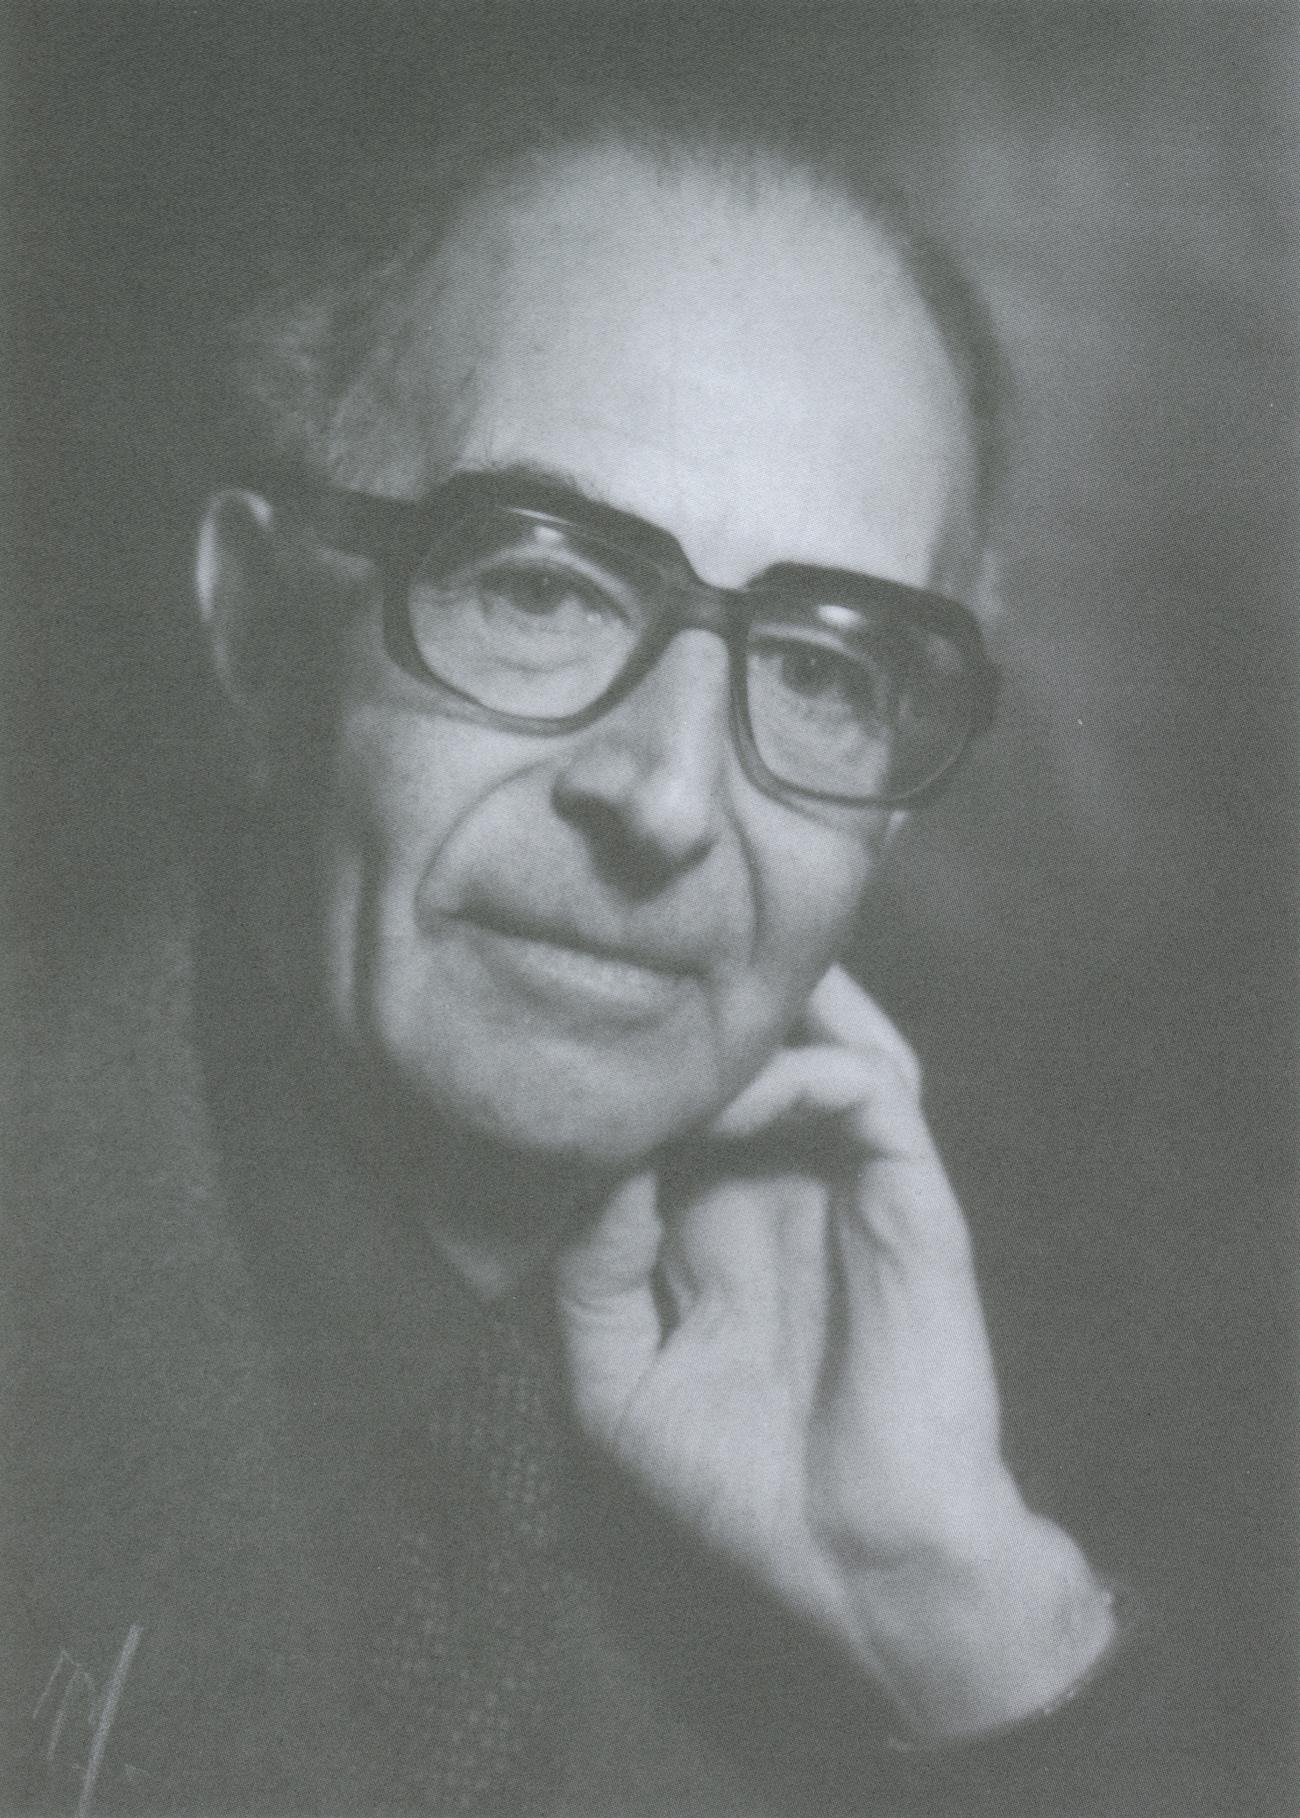 Samuel BAUD-BOVY, années 1980, Jean Mandanis, photographe à Genève (1915 - 07.08.2011), cliquer pour une vue agrandie